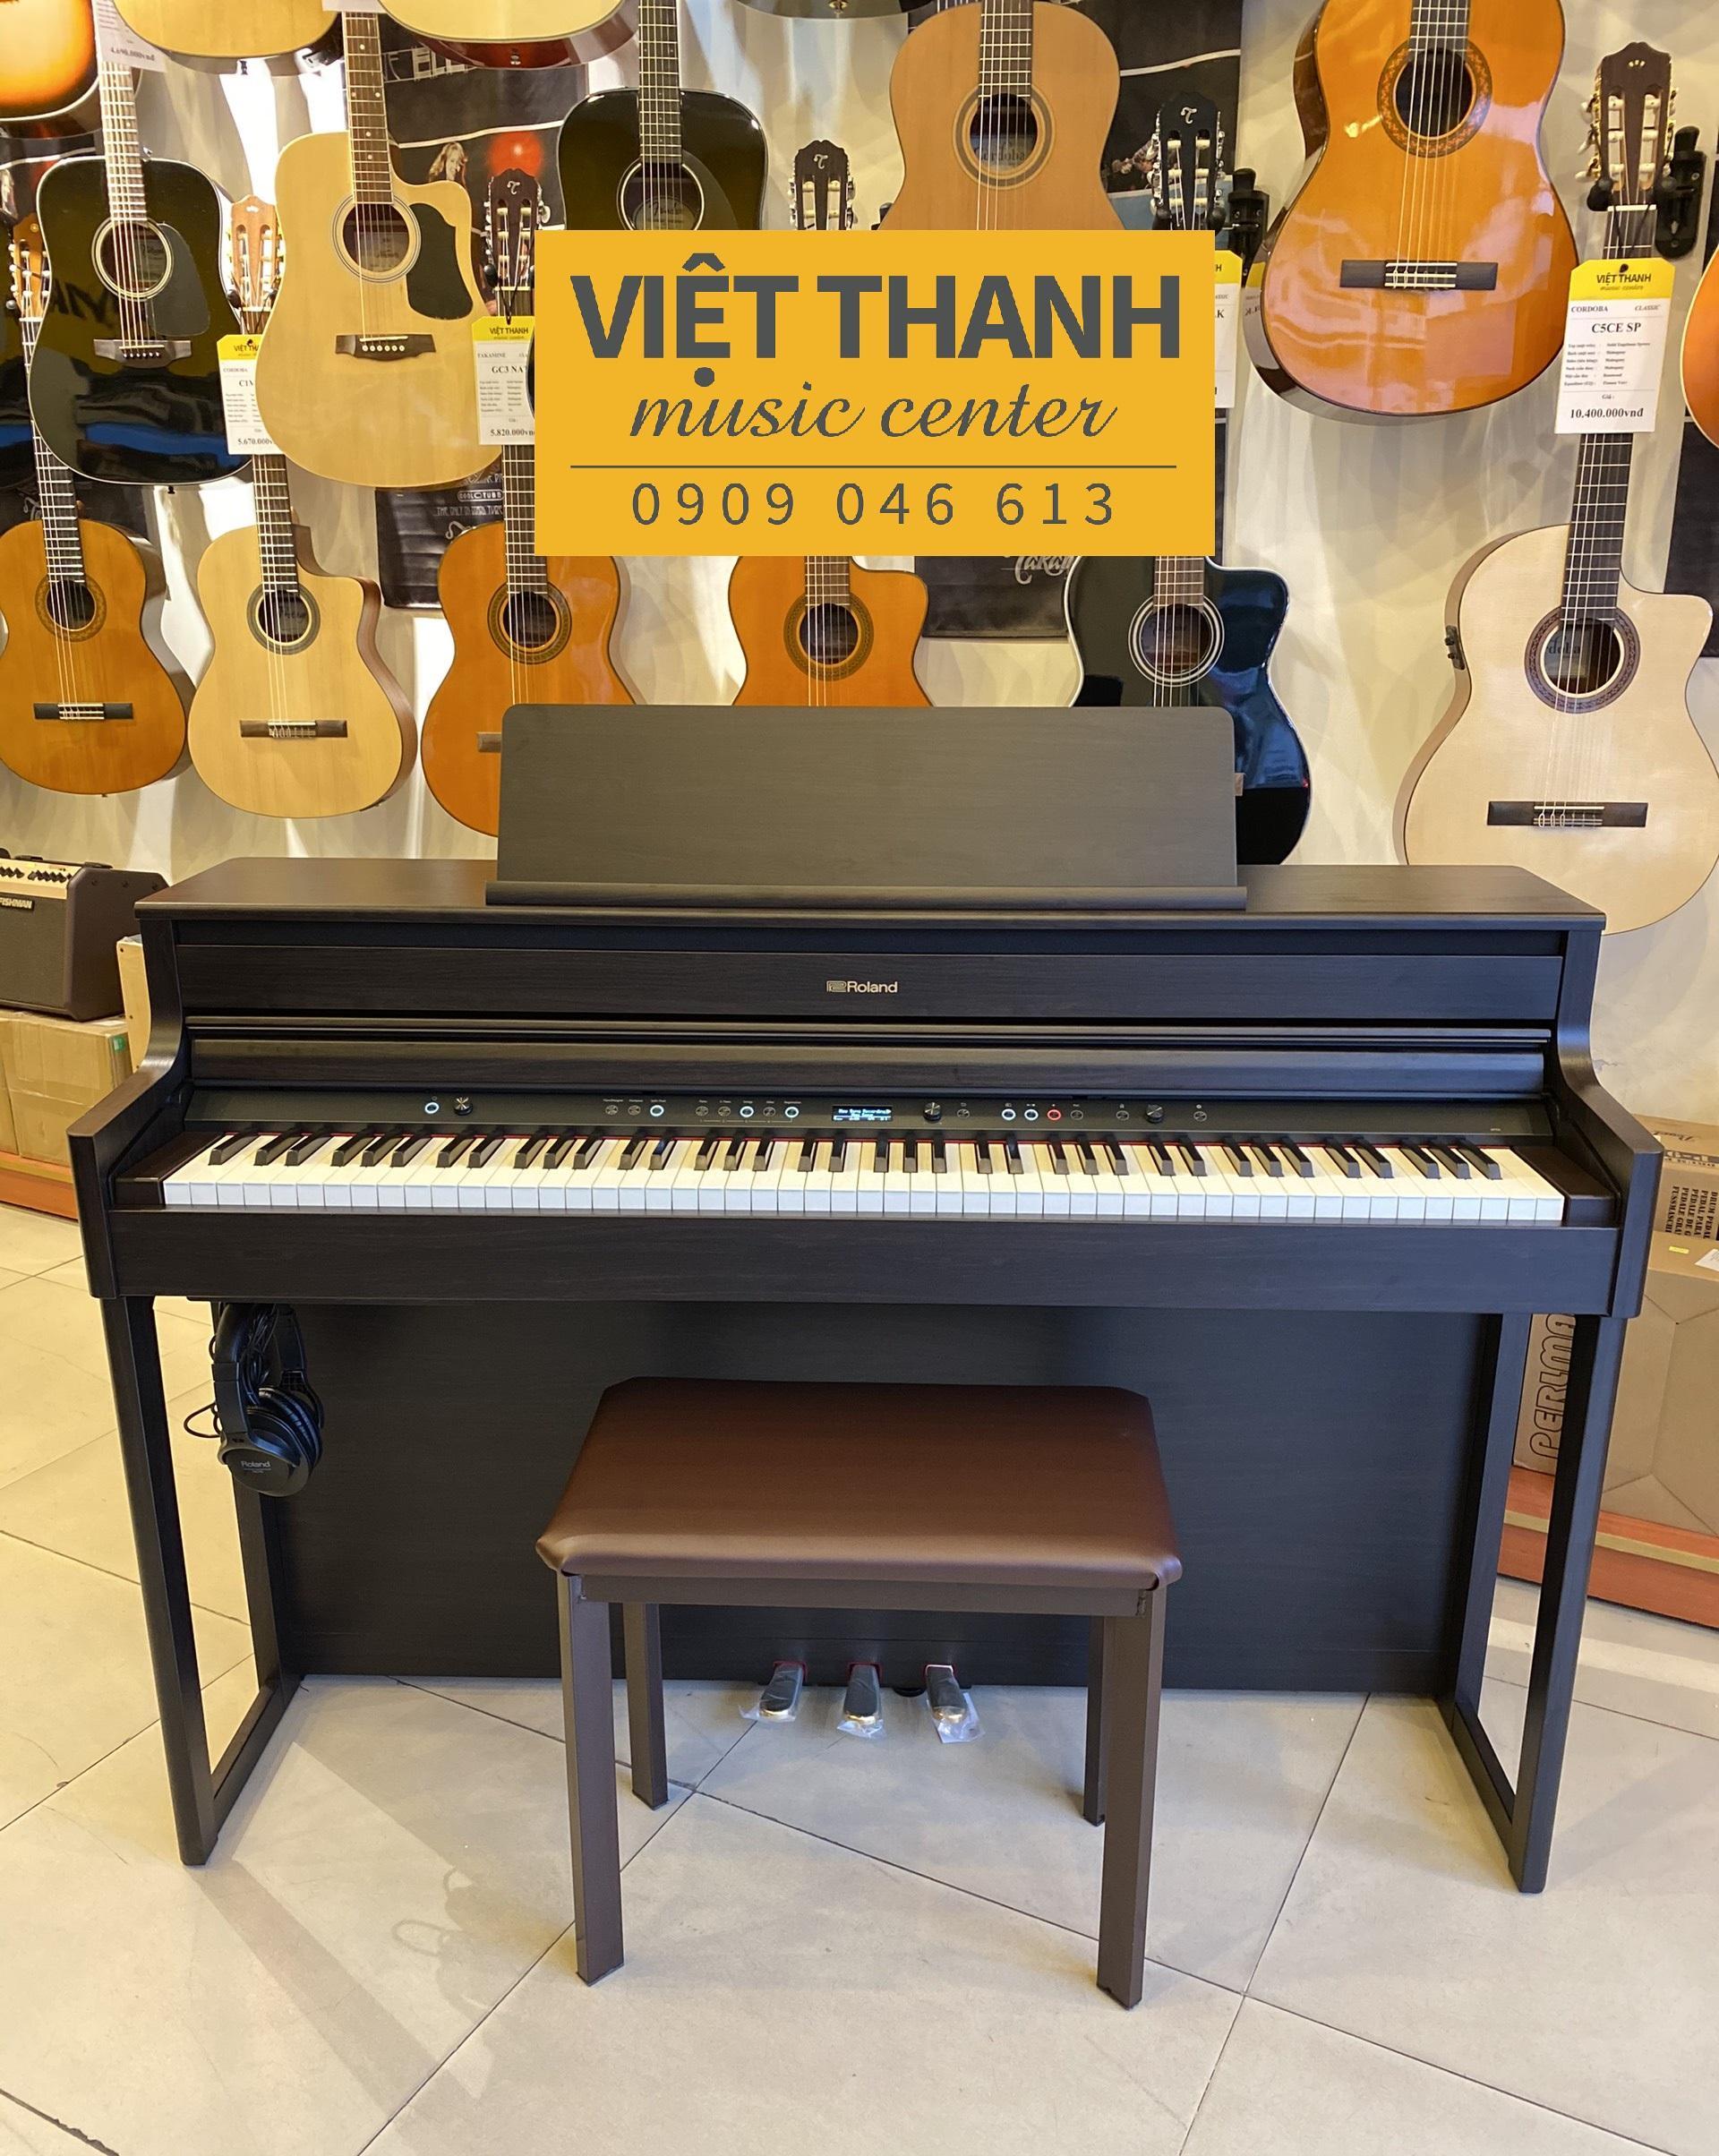 Giảm Giá Quá Đã Phải Mua Ngay Đàn Piano Điện Roland HP704 - Cực Mới, Giá Cực Tốt